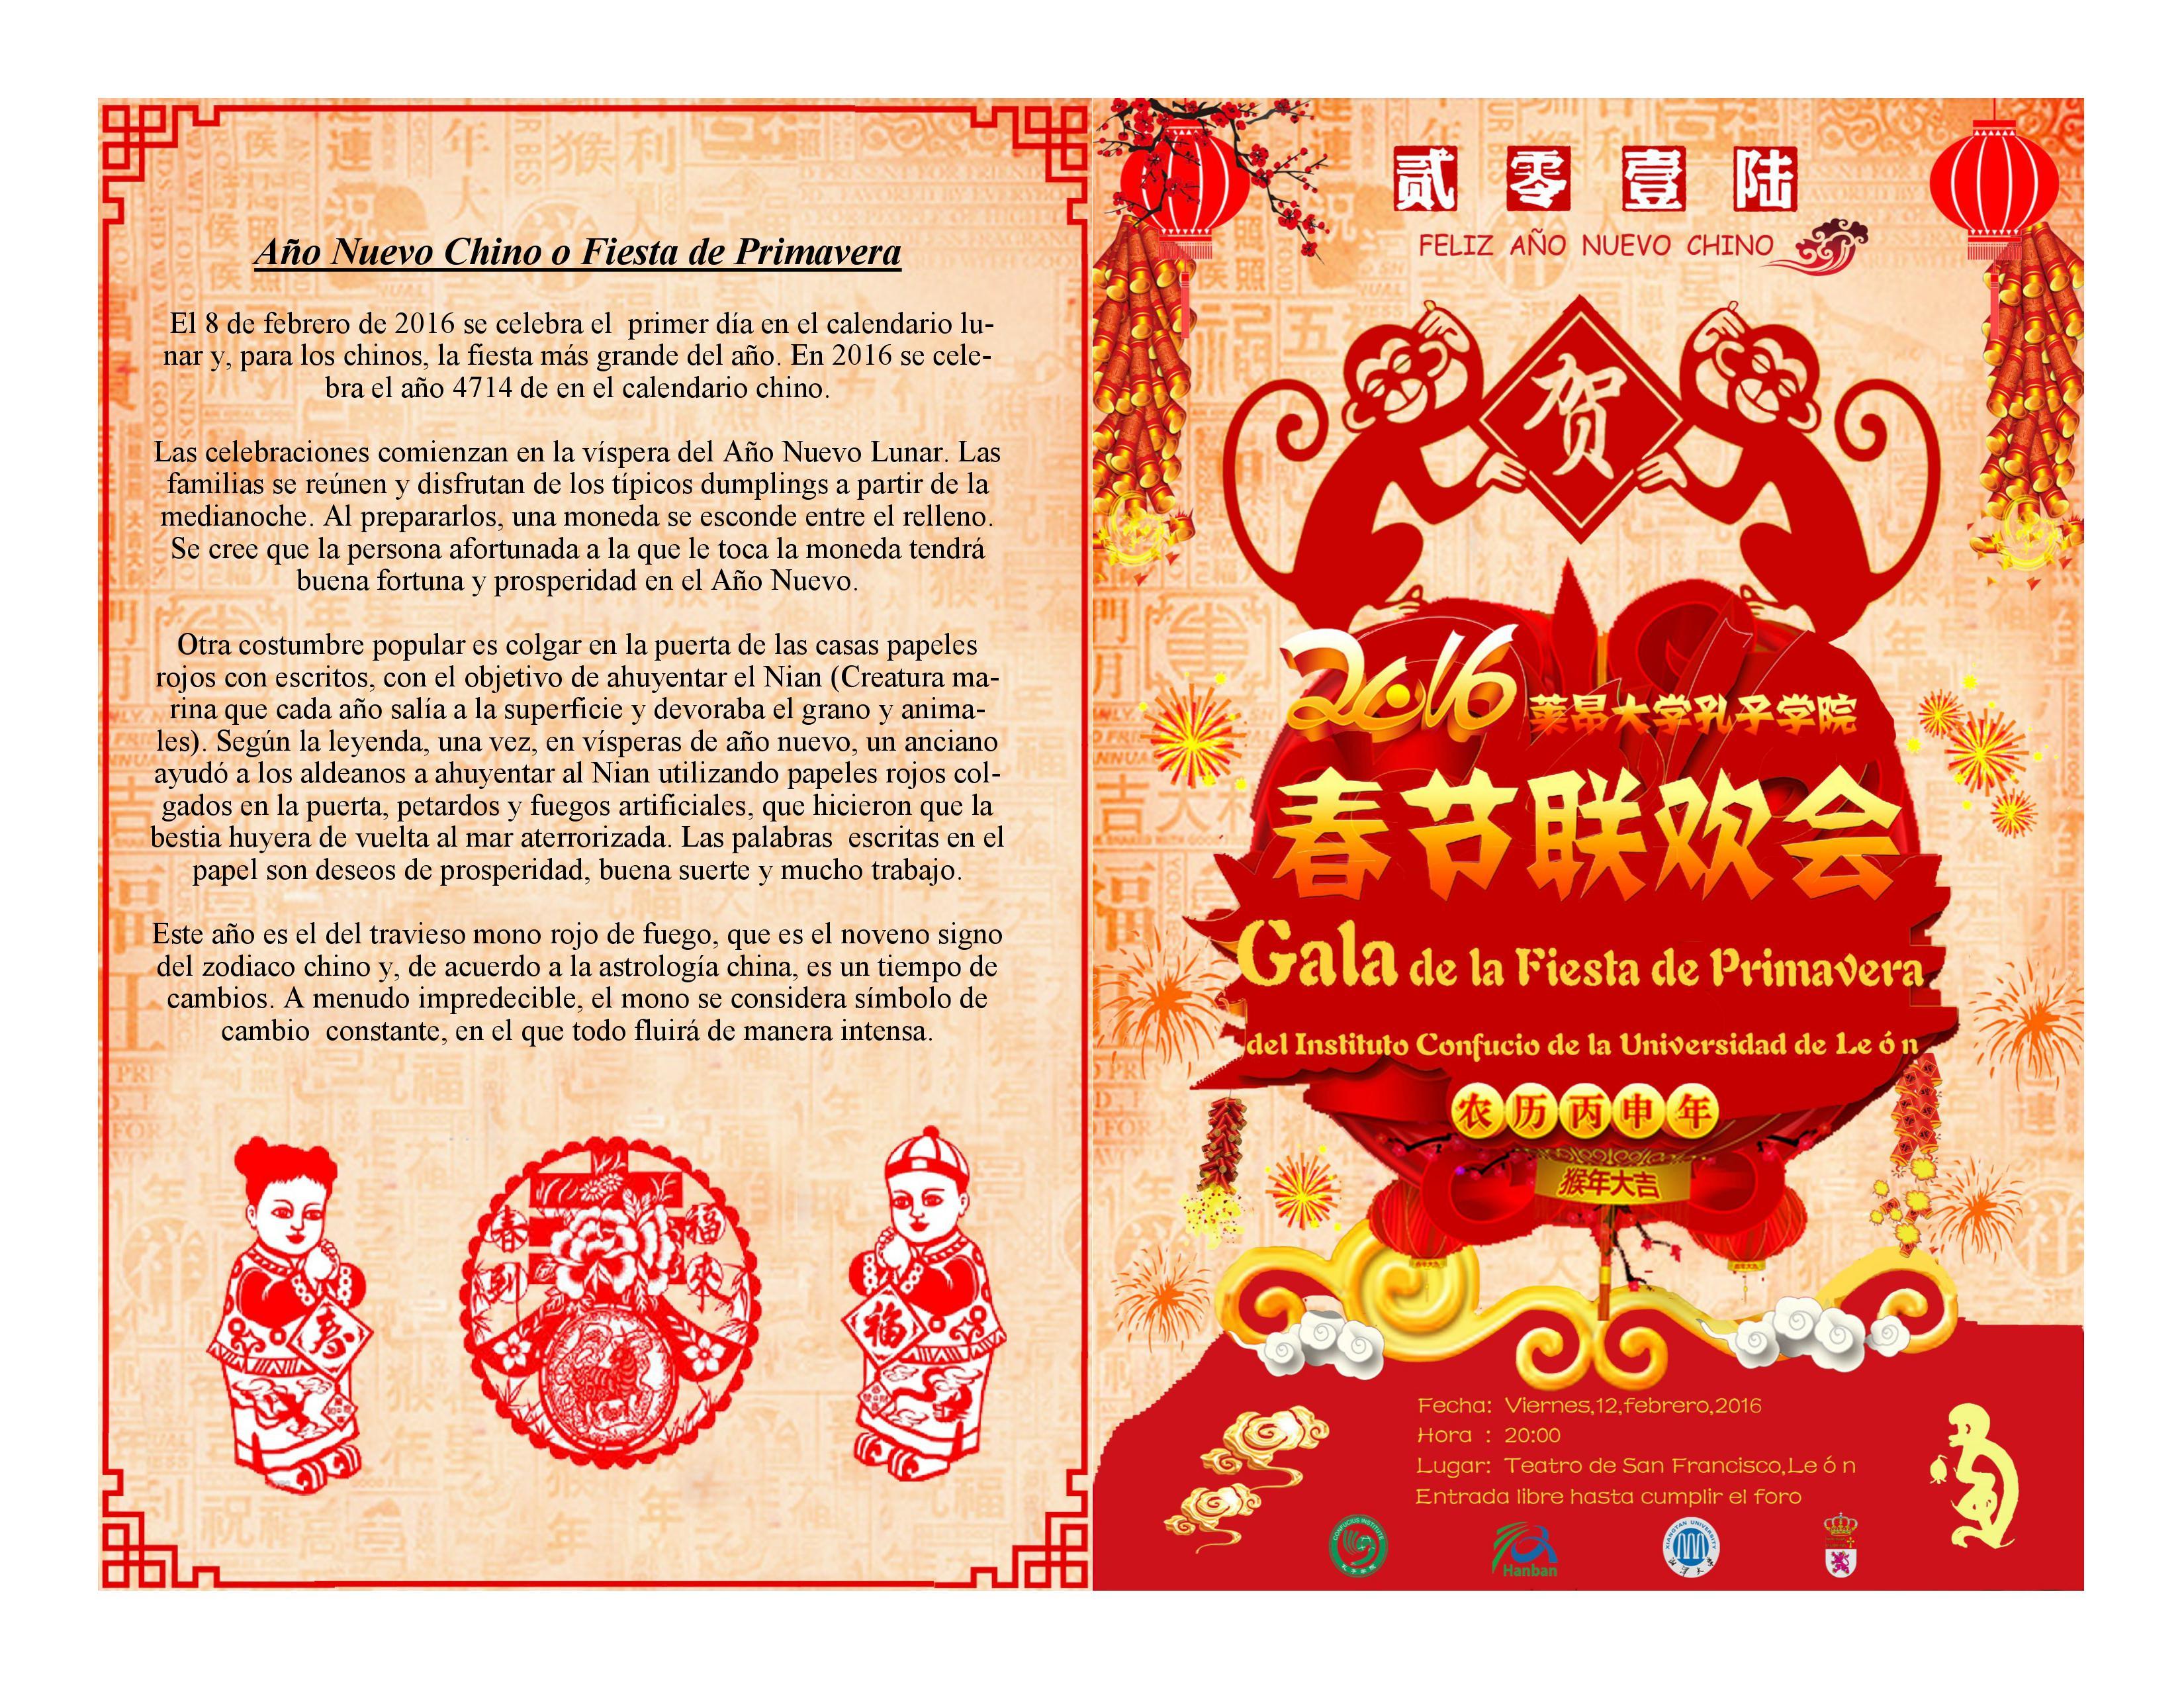 Gala Año Nuevo Chino - Fiesta de Primavera 2016 - imagen 2